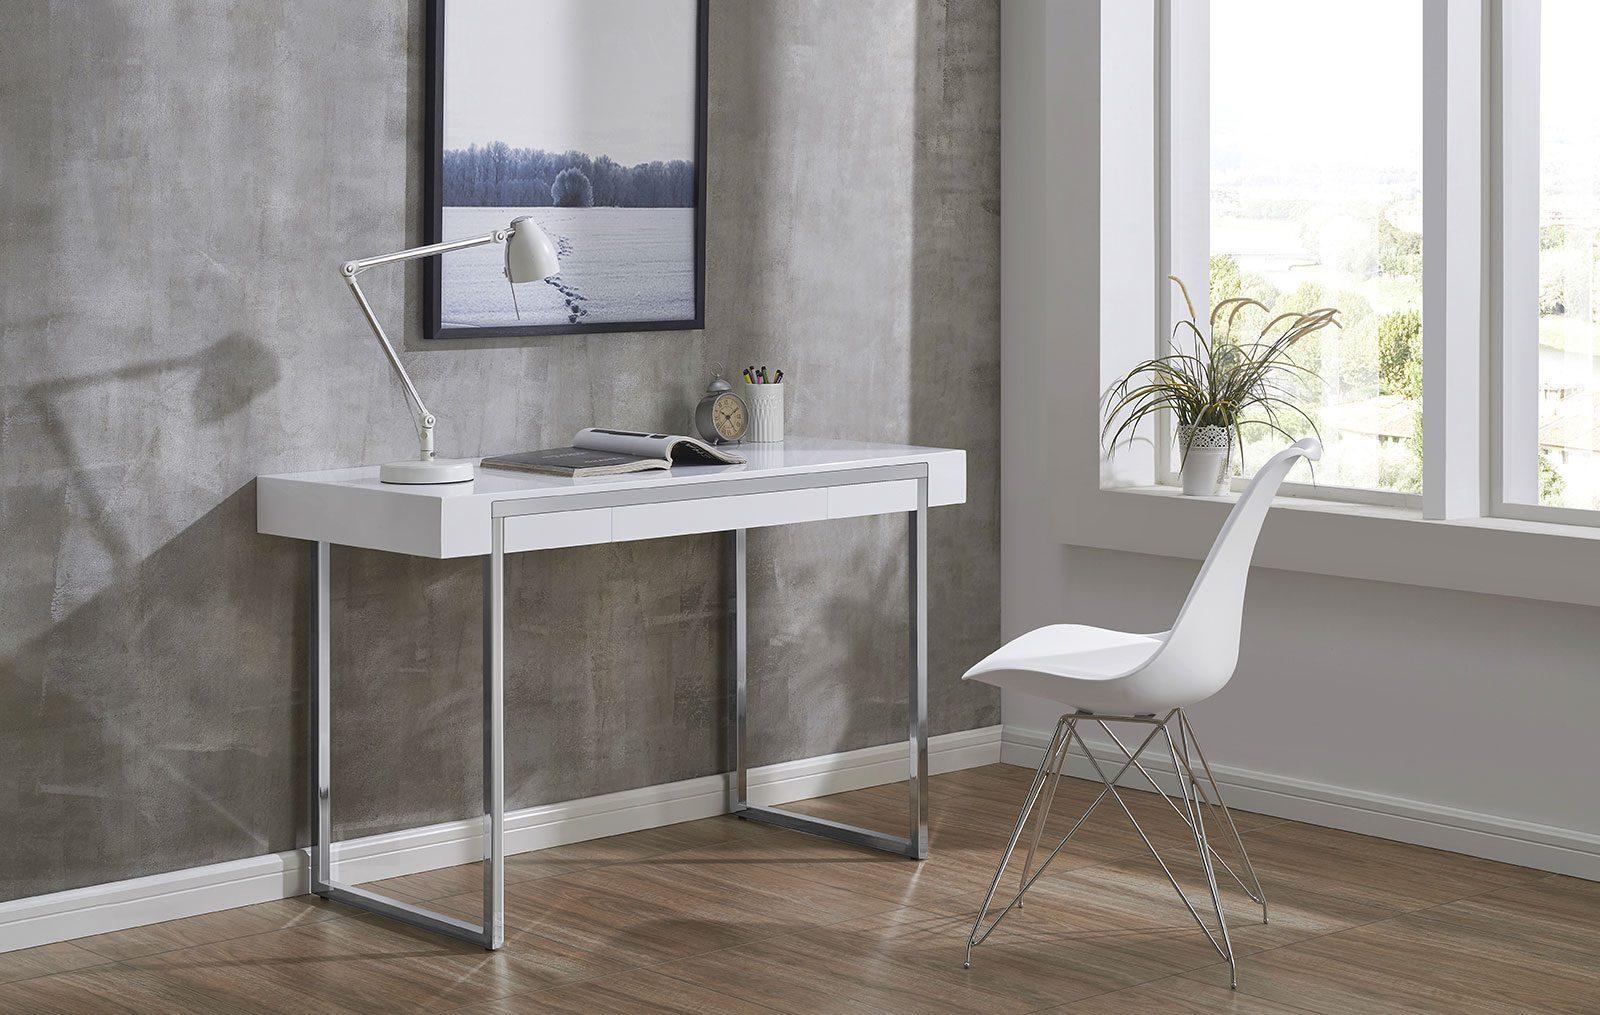 Купить со скидкой Письменный стол белого цвета с ящиком